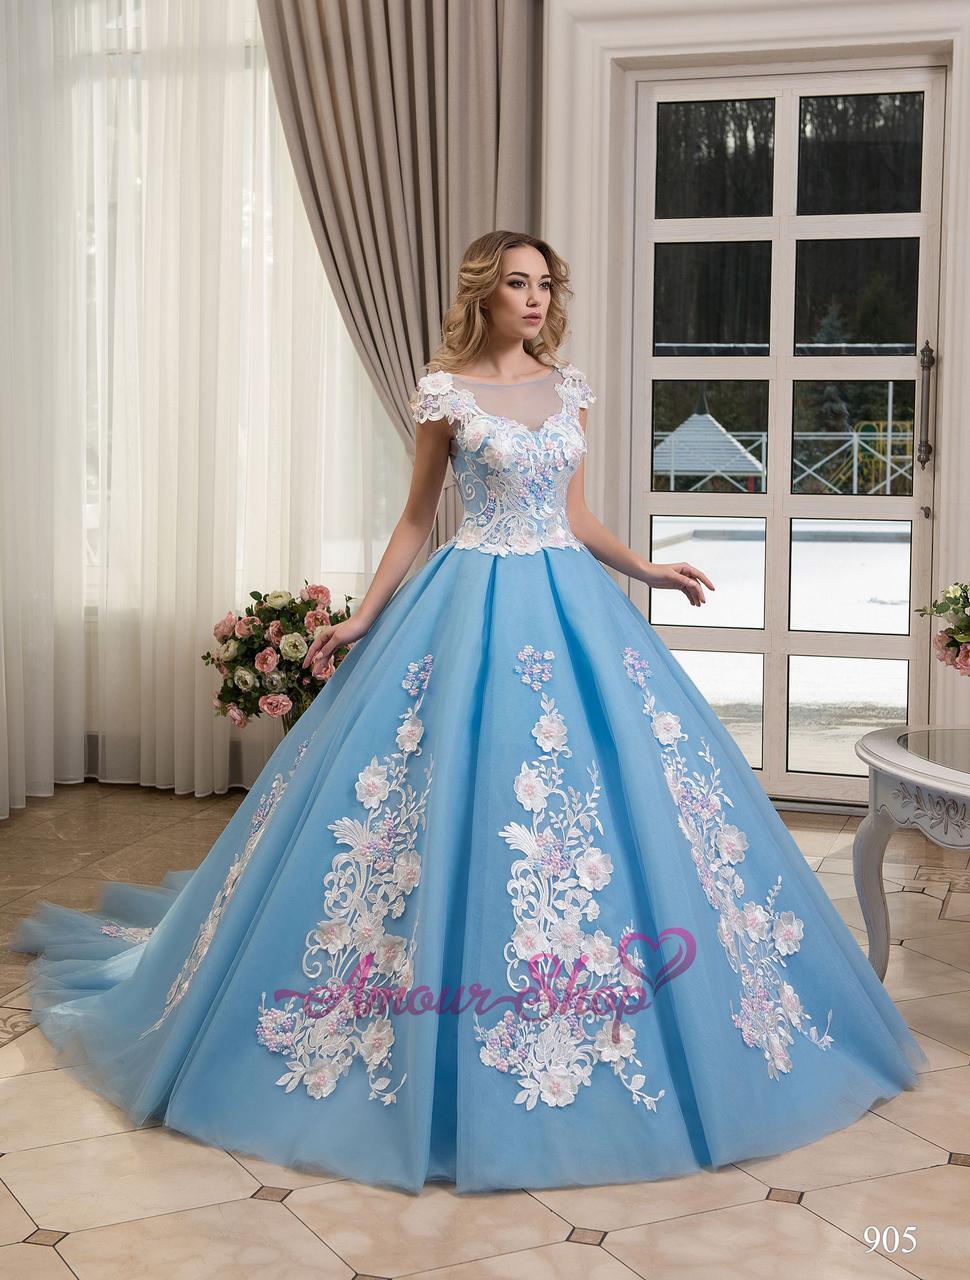 Необычное свадебное платье. Молочный или голубой